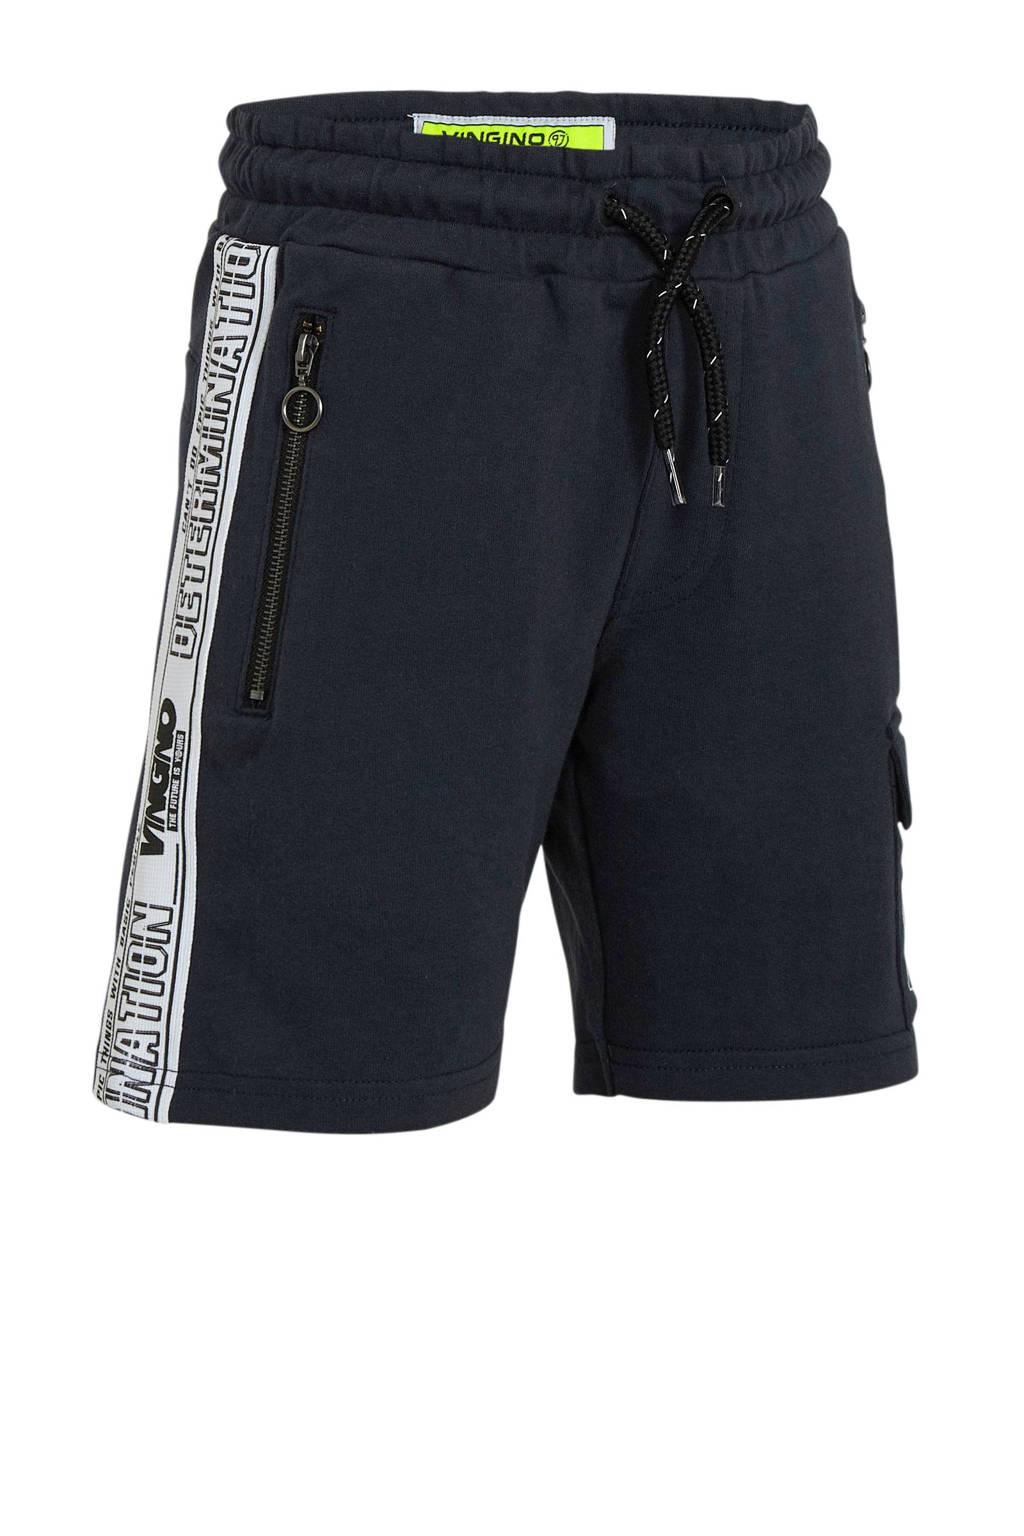 Vingino cargo sweatshort Rezz met zijstreep donkerblauw, Donkerblauw